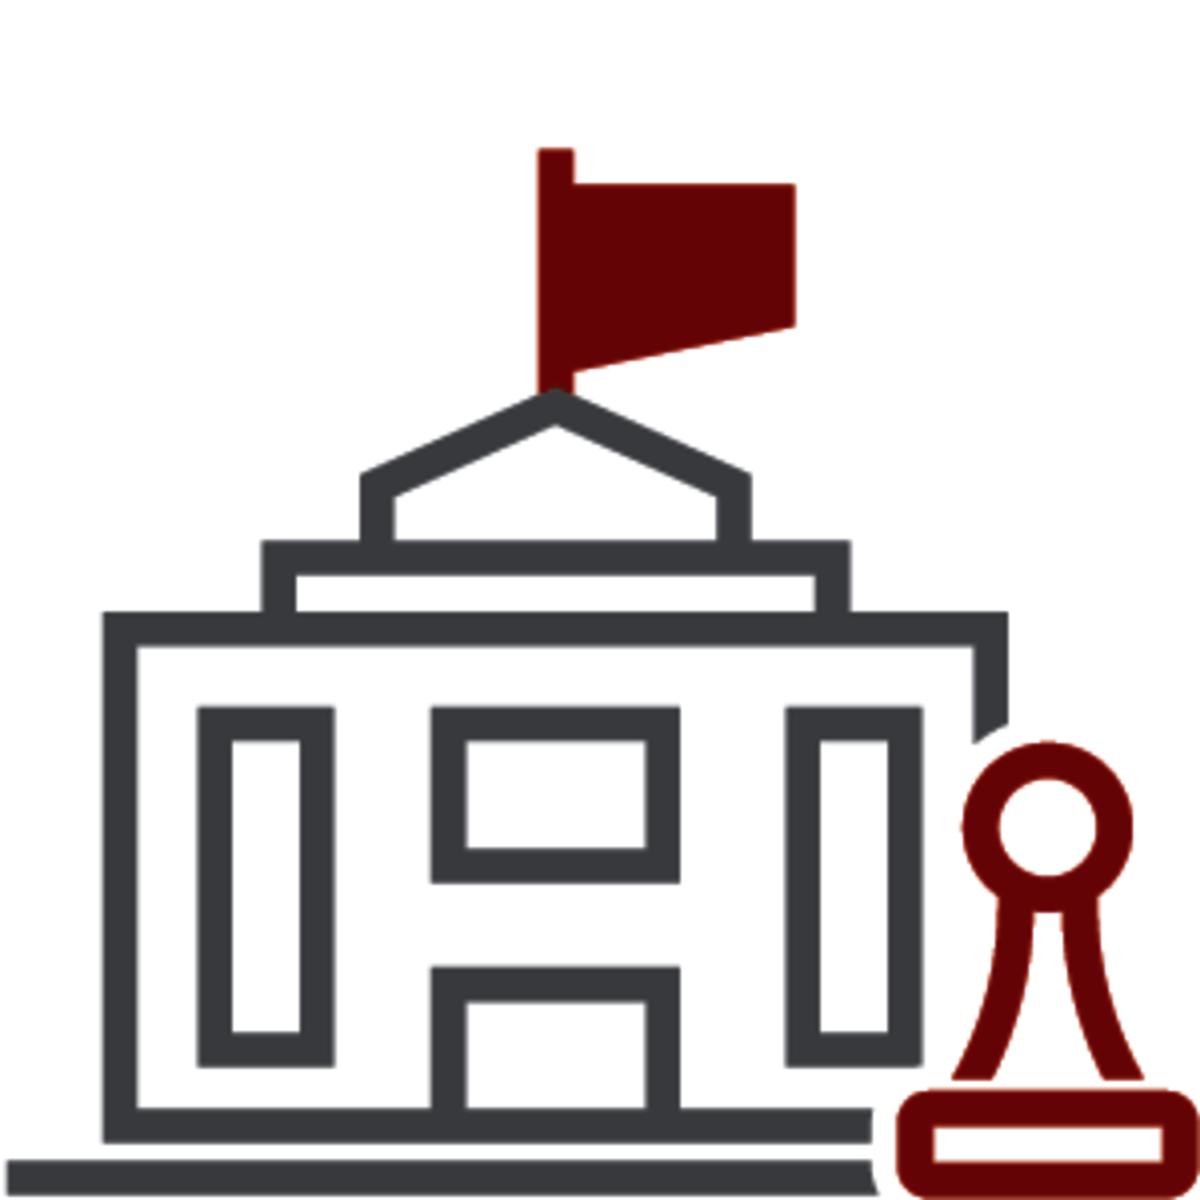 LT Lawtank - Traduction légalisée - Chancellerie d'Etat cantonale